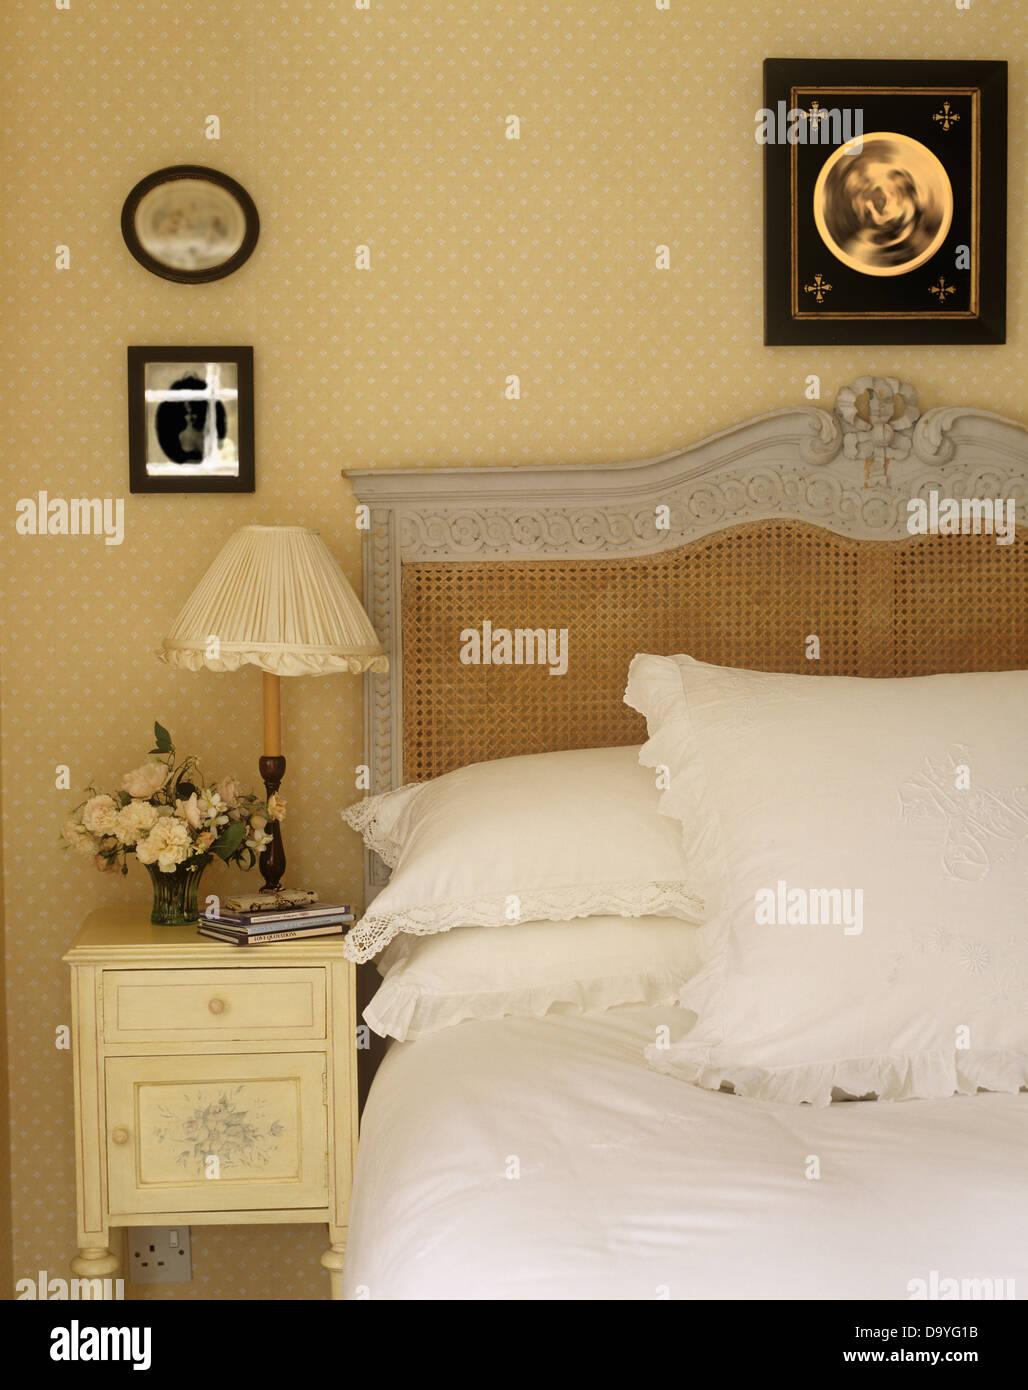 creme lampe und schrank neben blass grau bergere bett mit wei en kissen und bettw sche in. Black Bedroom Furniture Sets. Home Design Ideas